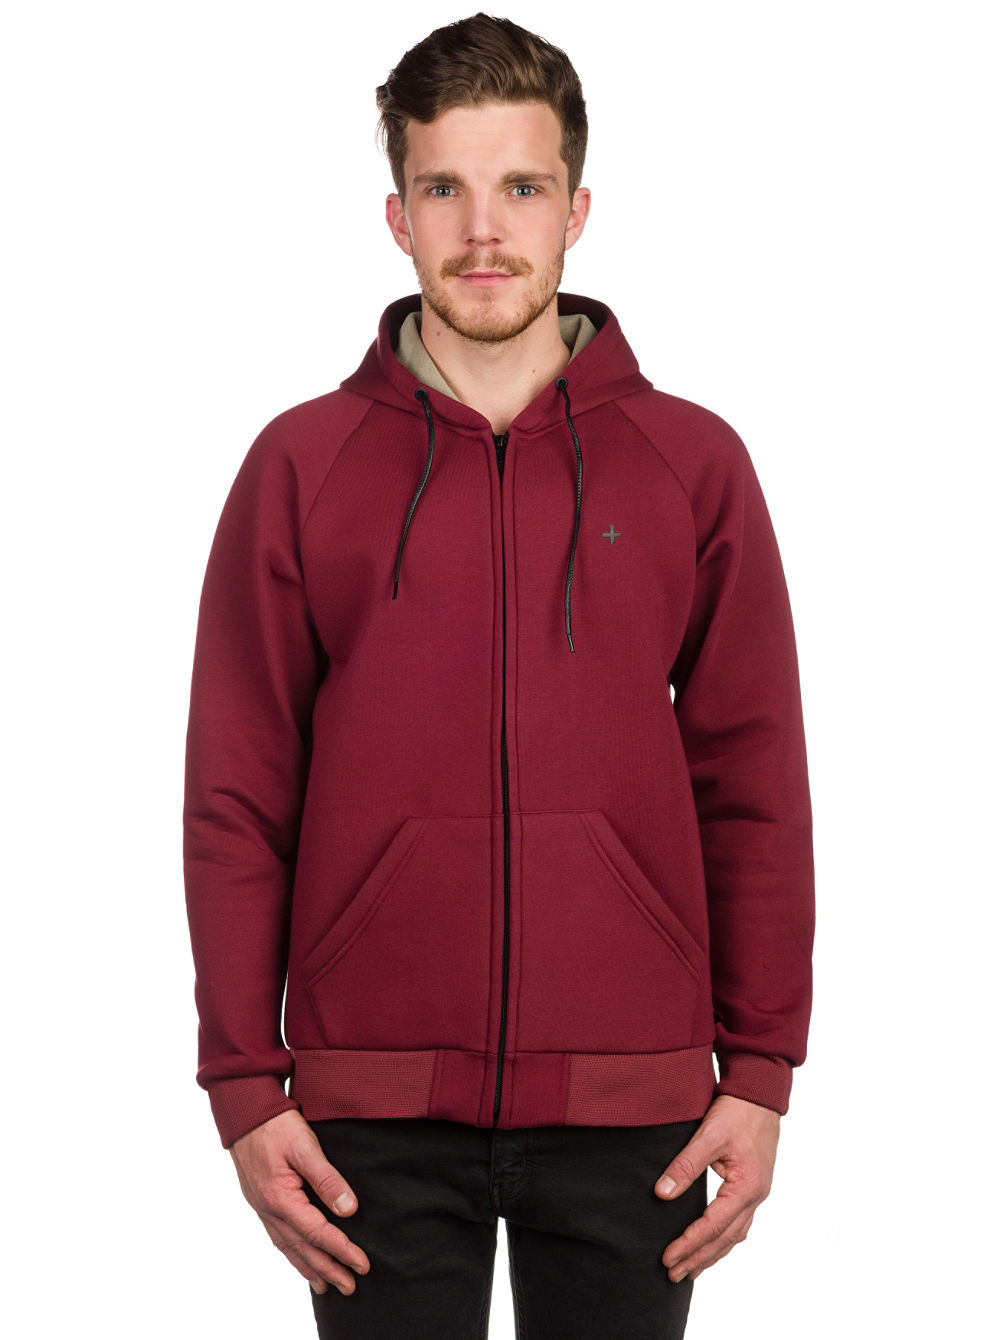 cleon-zip-hoodie